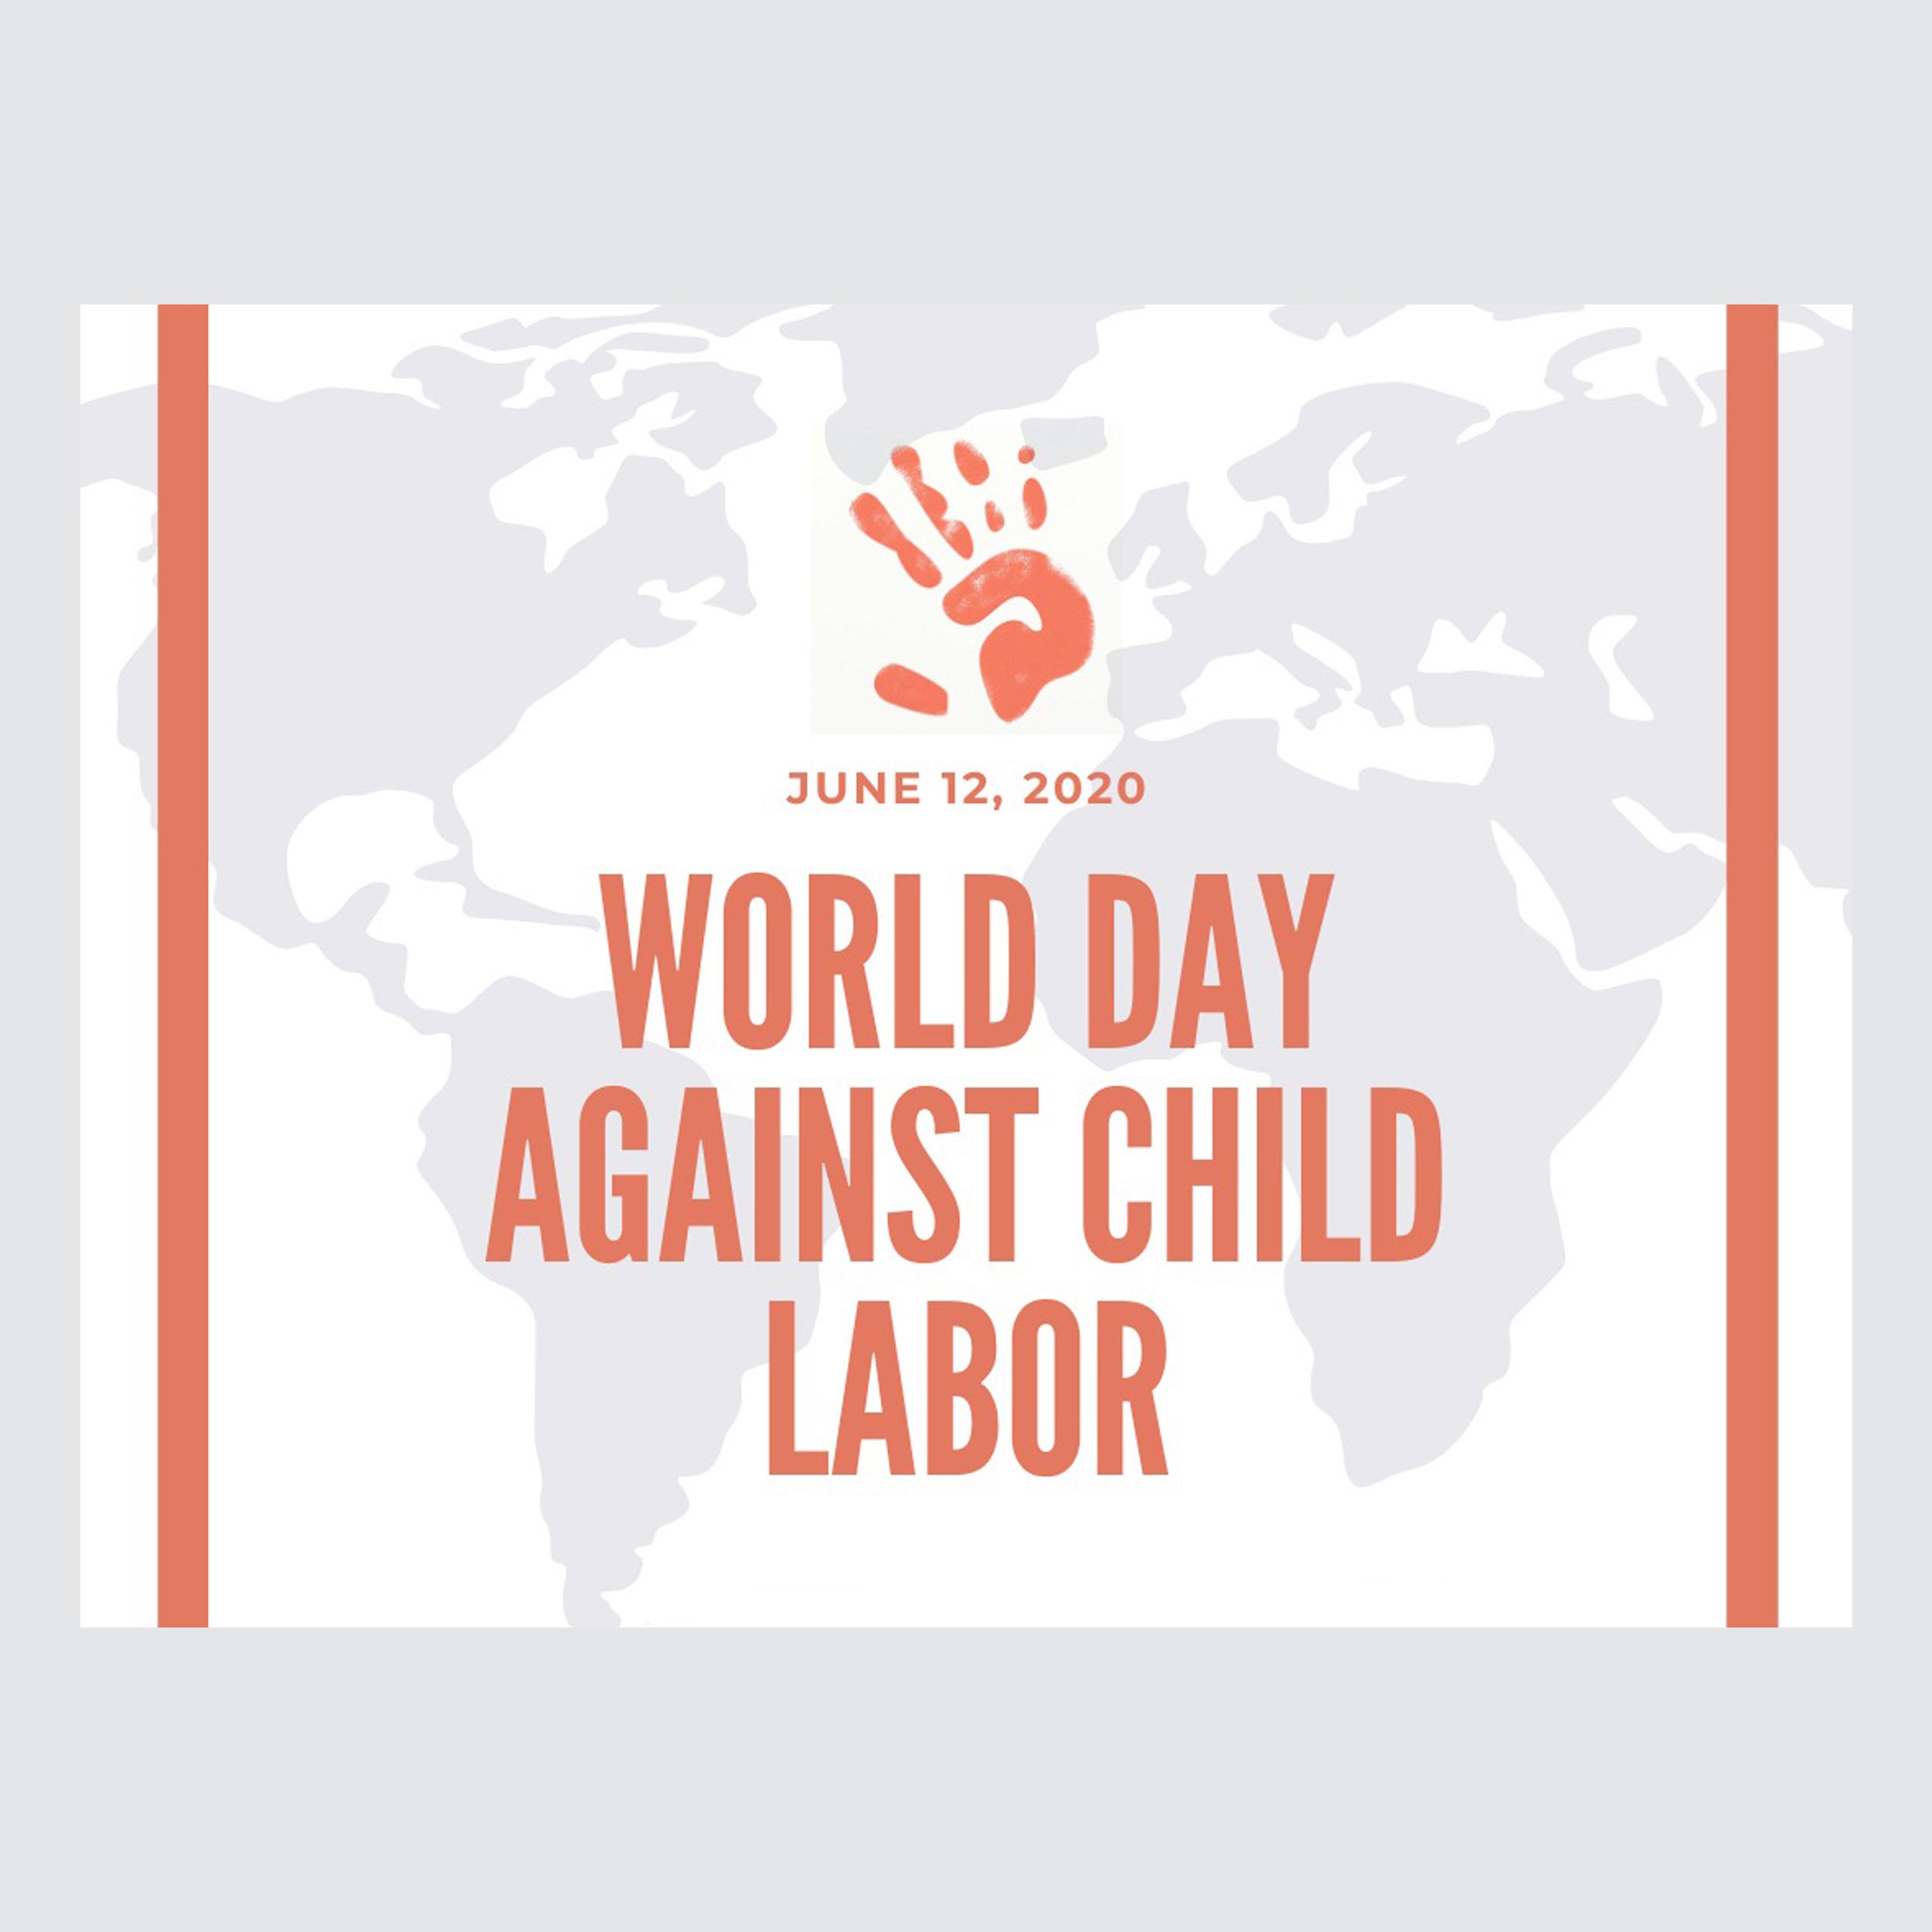 کارت پستال ماهتاب طرح روز مبارزه با کار کودکان کد 2424